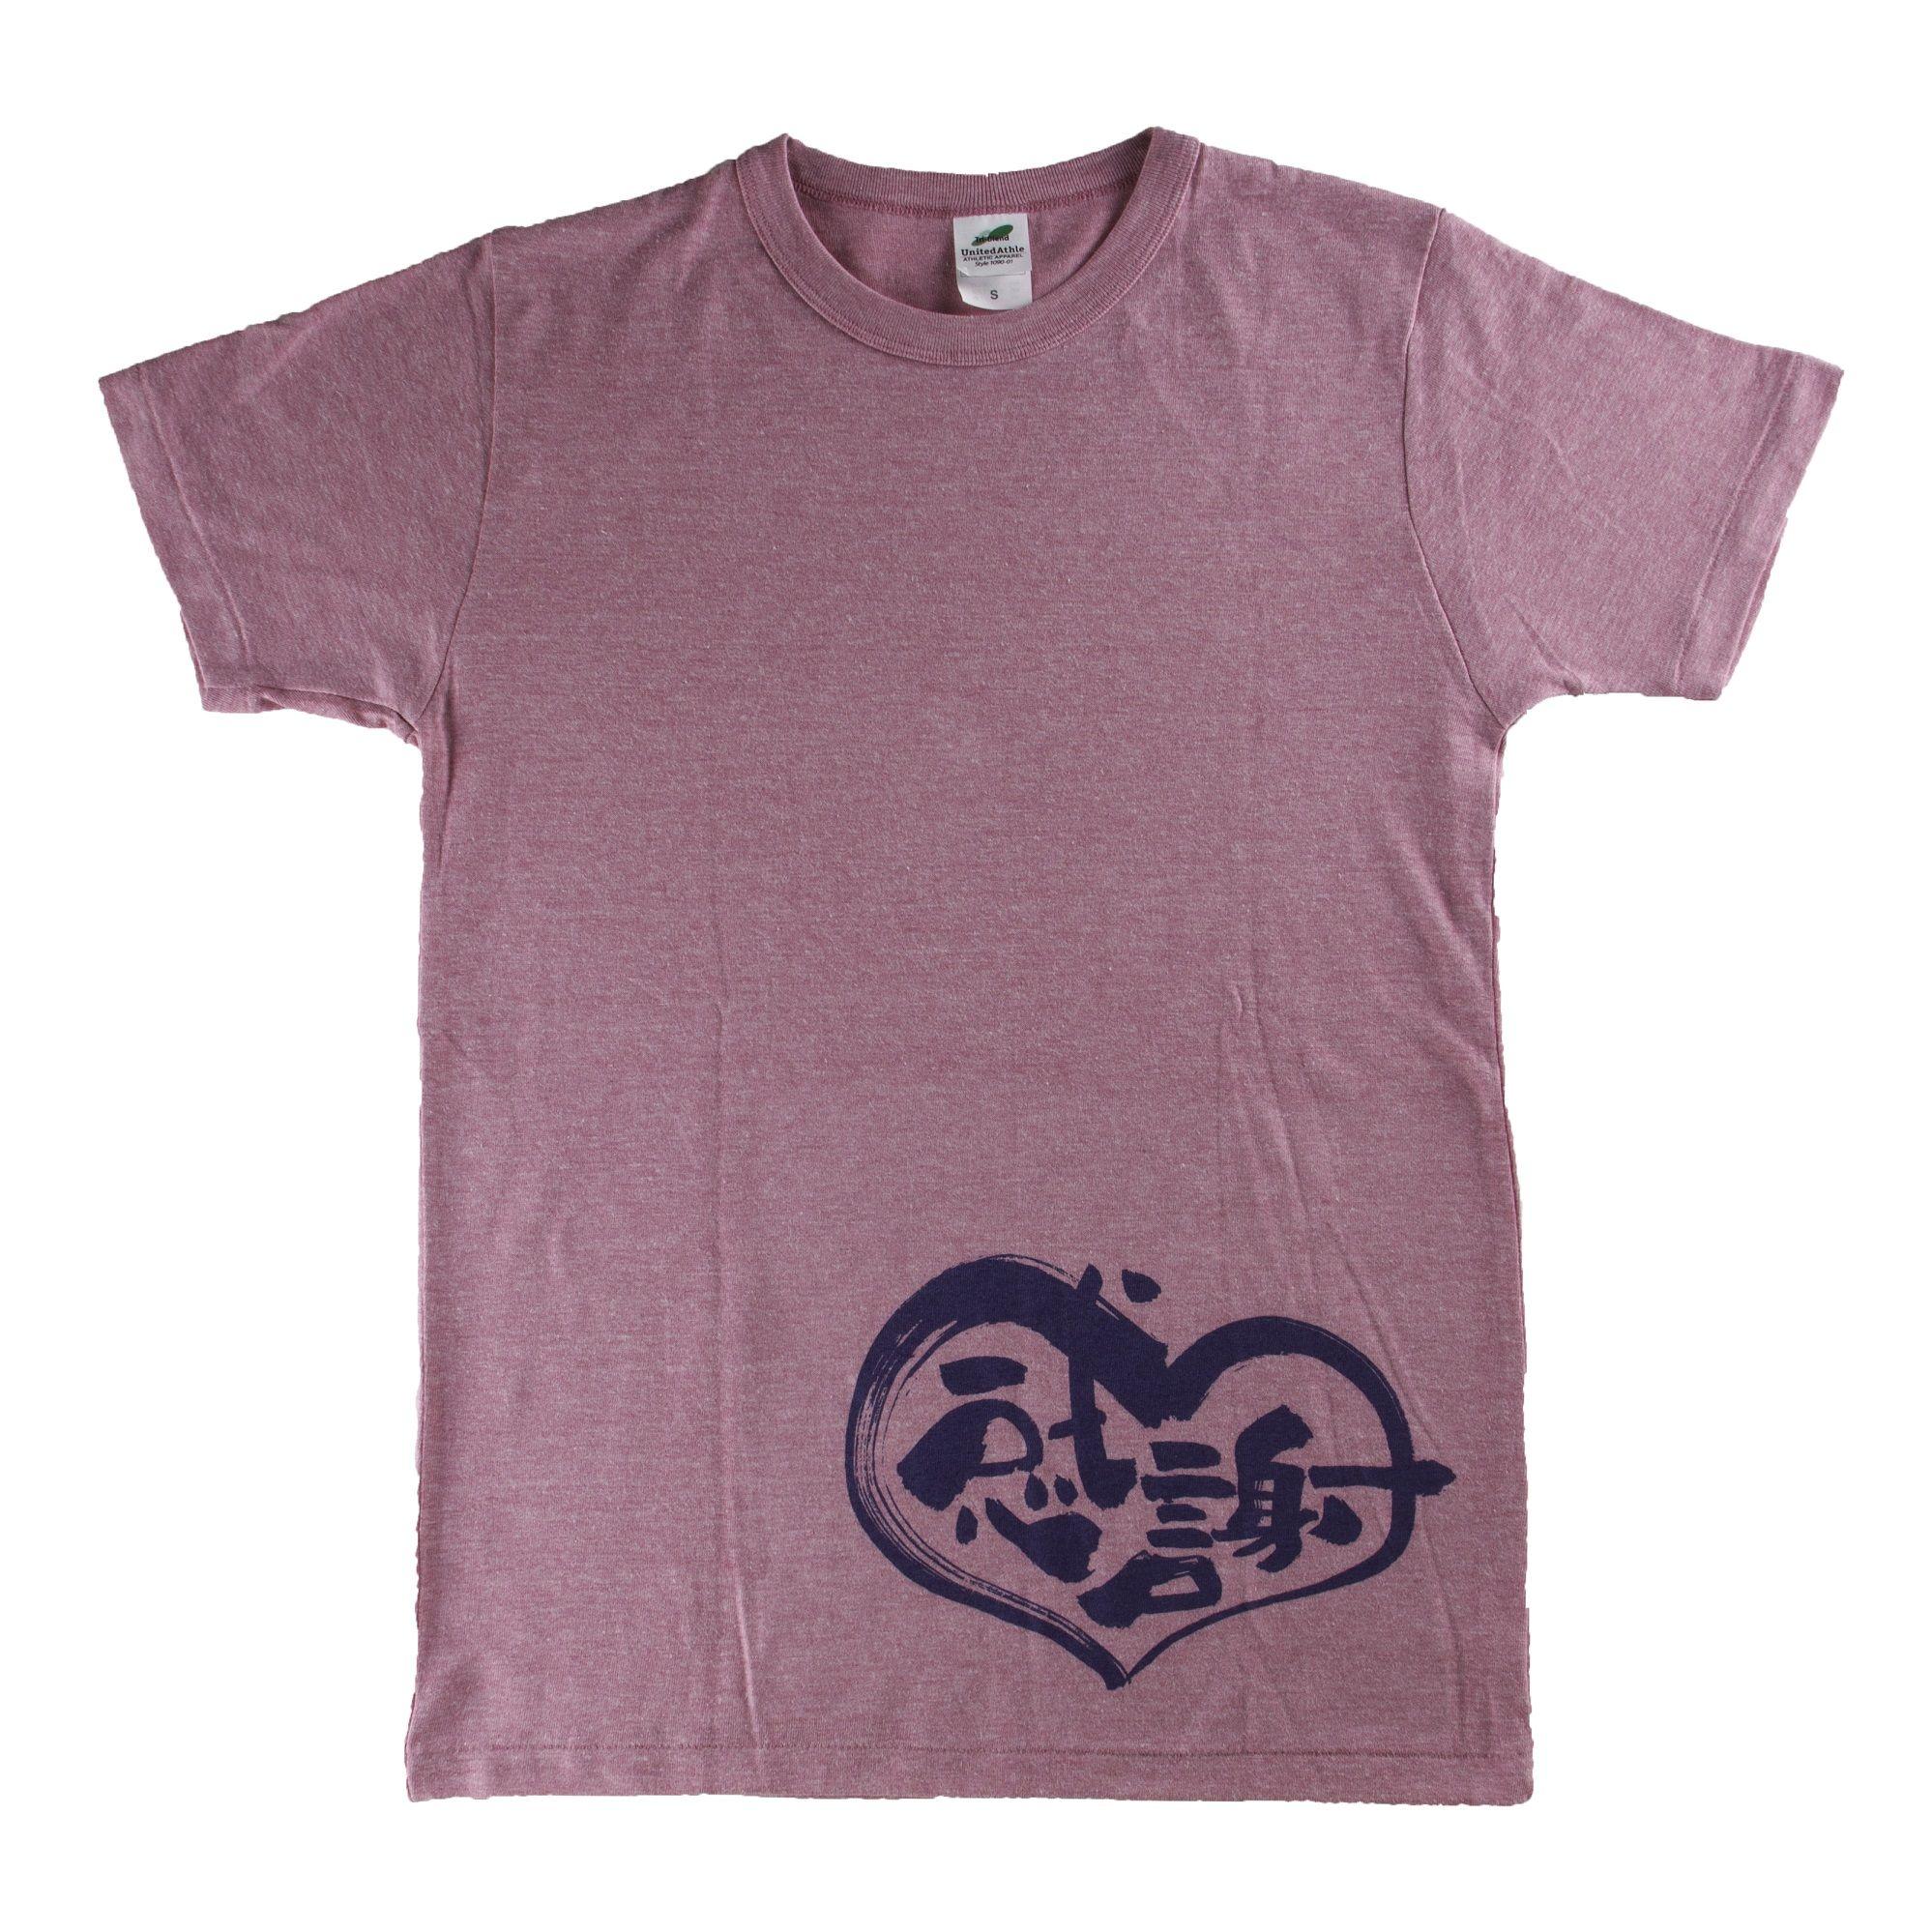 ヴィンテージ風Tシャツ『感謝』